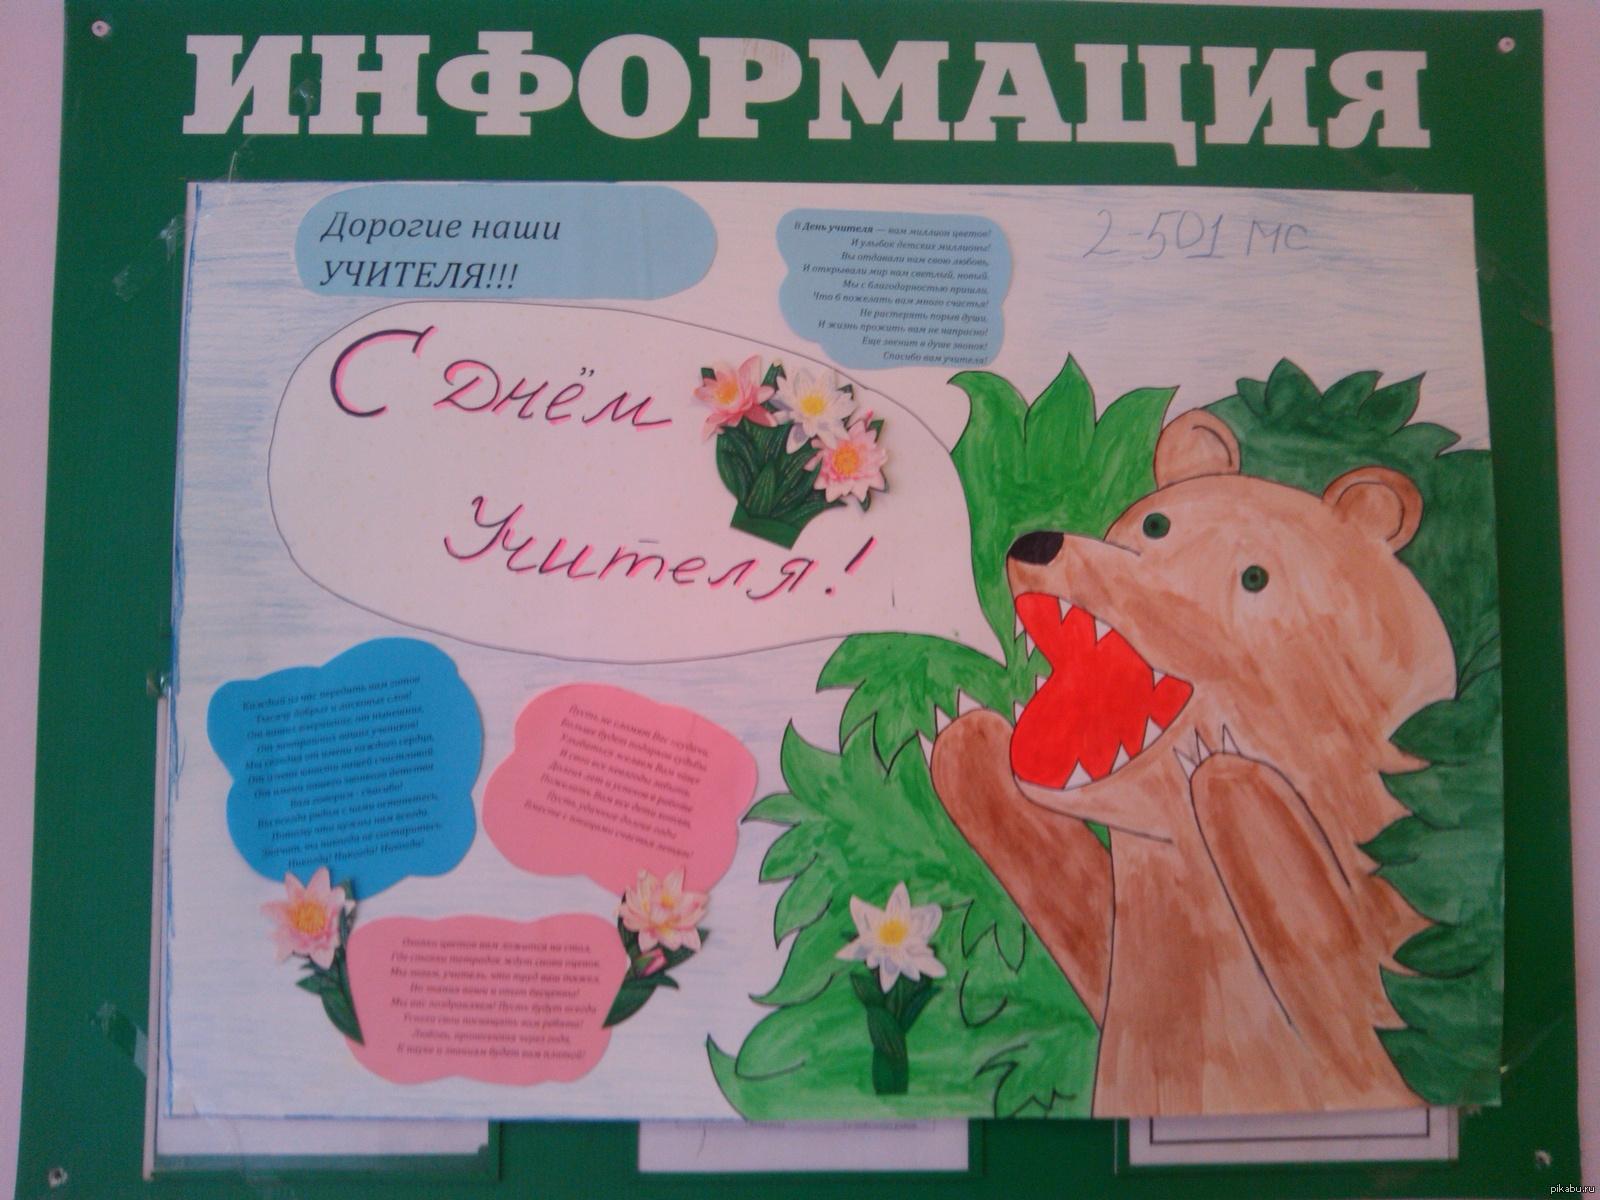 фотографии плакат на день учителя картинки на ватман в колледж лукашенко ничего помнит